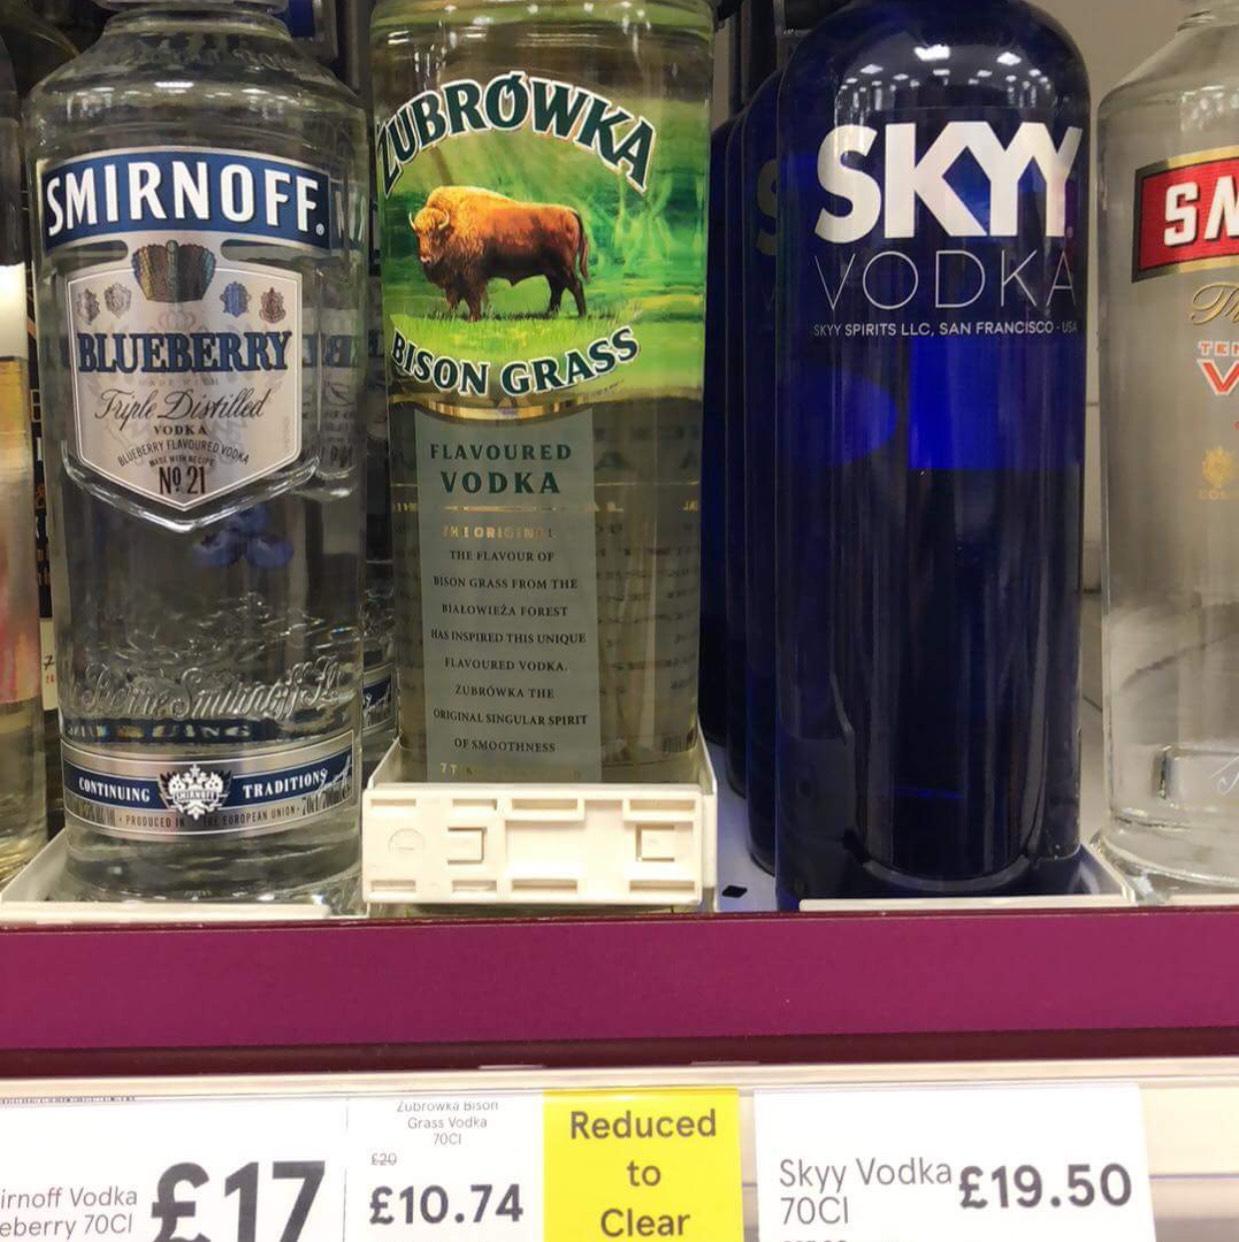 Zubrowka bison grass vodka 70cl RTC £10.74 @ Tesco instore